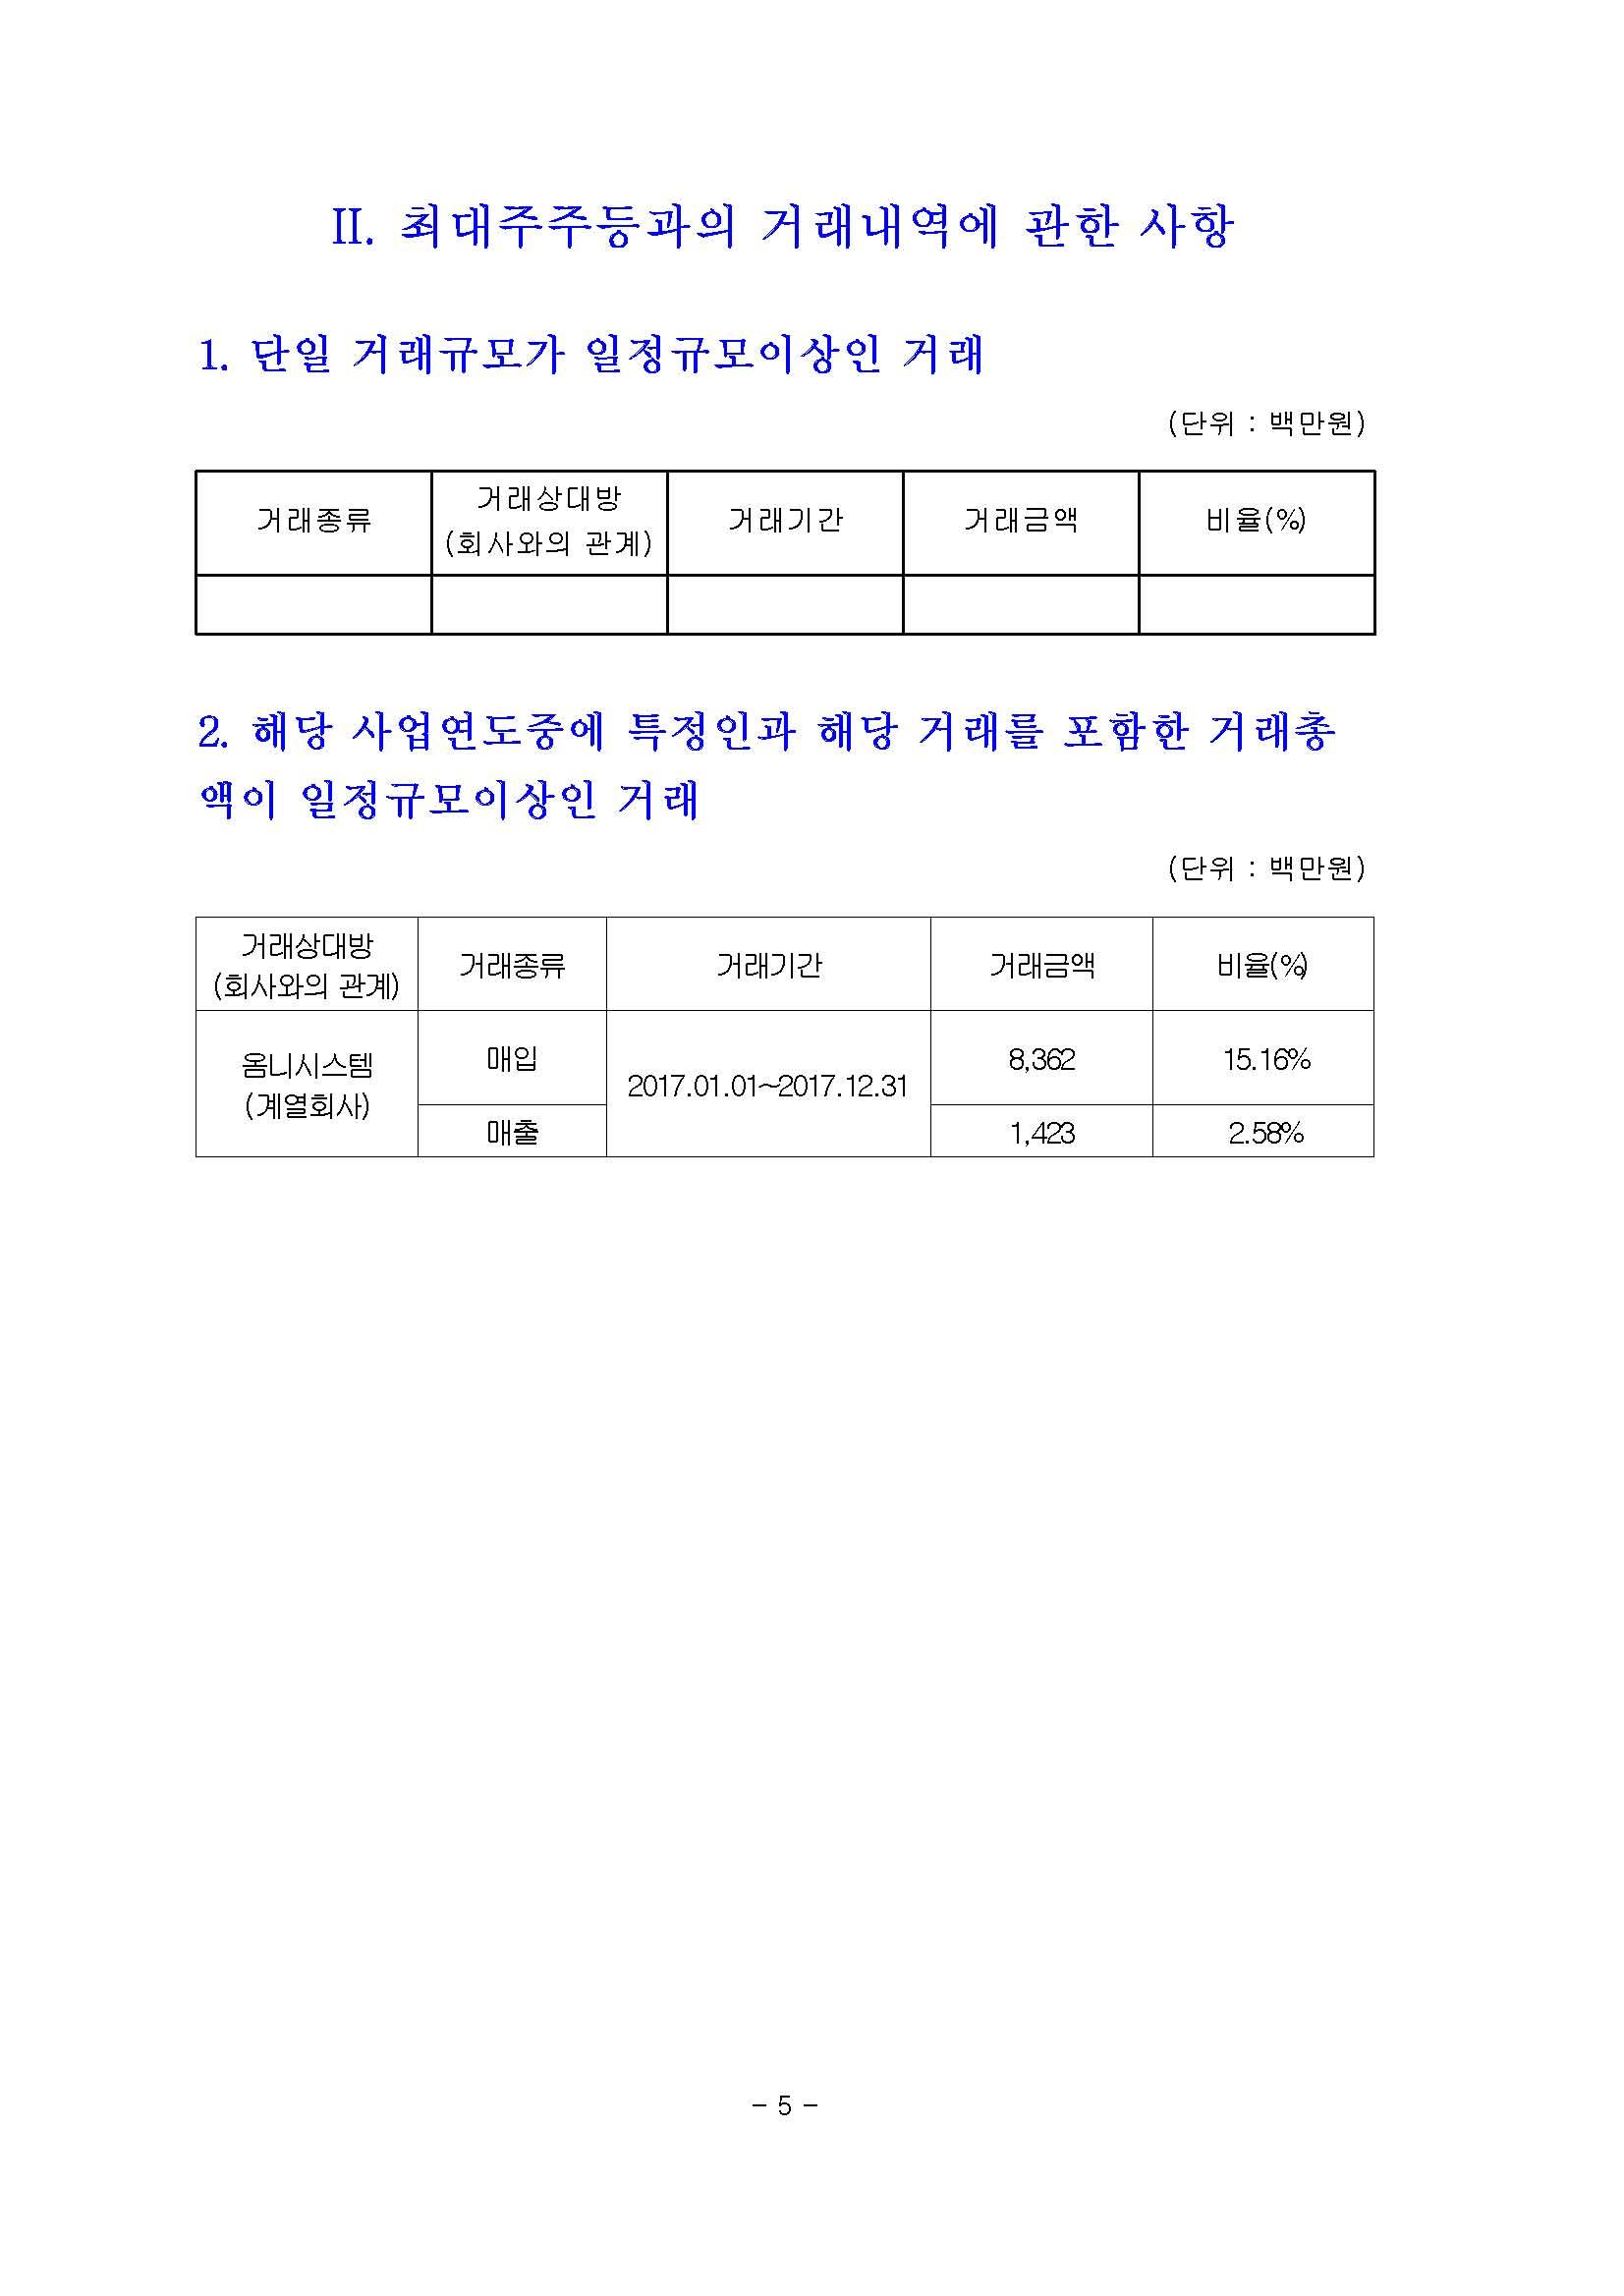 20180309 주주총회소집공고-바이오스마트_페이지_06.jpg